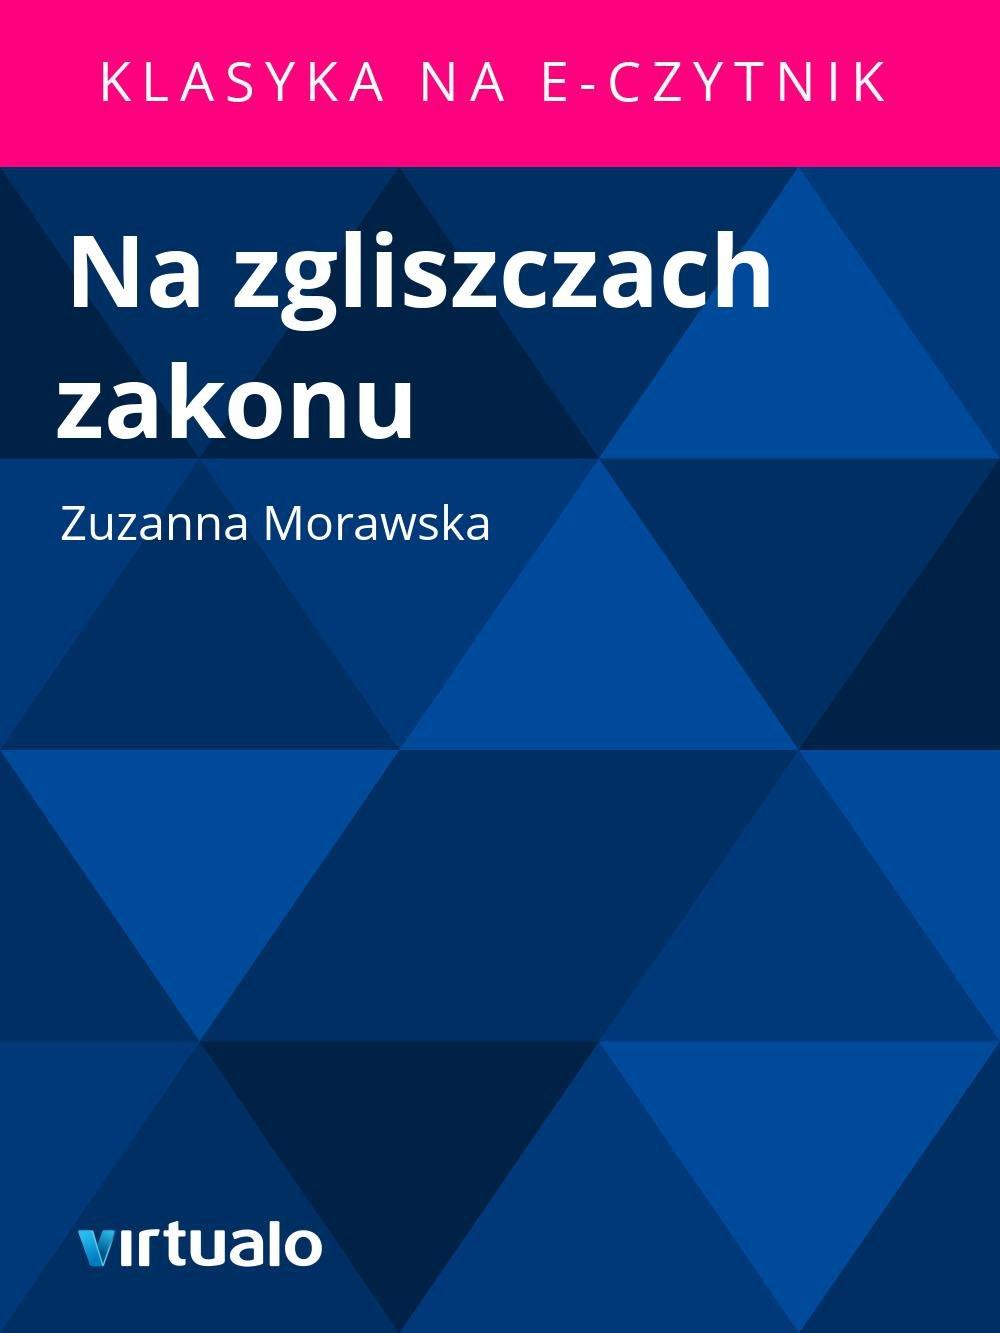 Na zgliszczach zakonu - Ebook (Książka EPUB) do pobrania w formacie EPUB